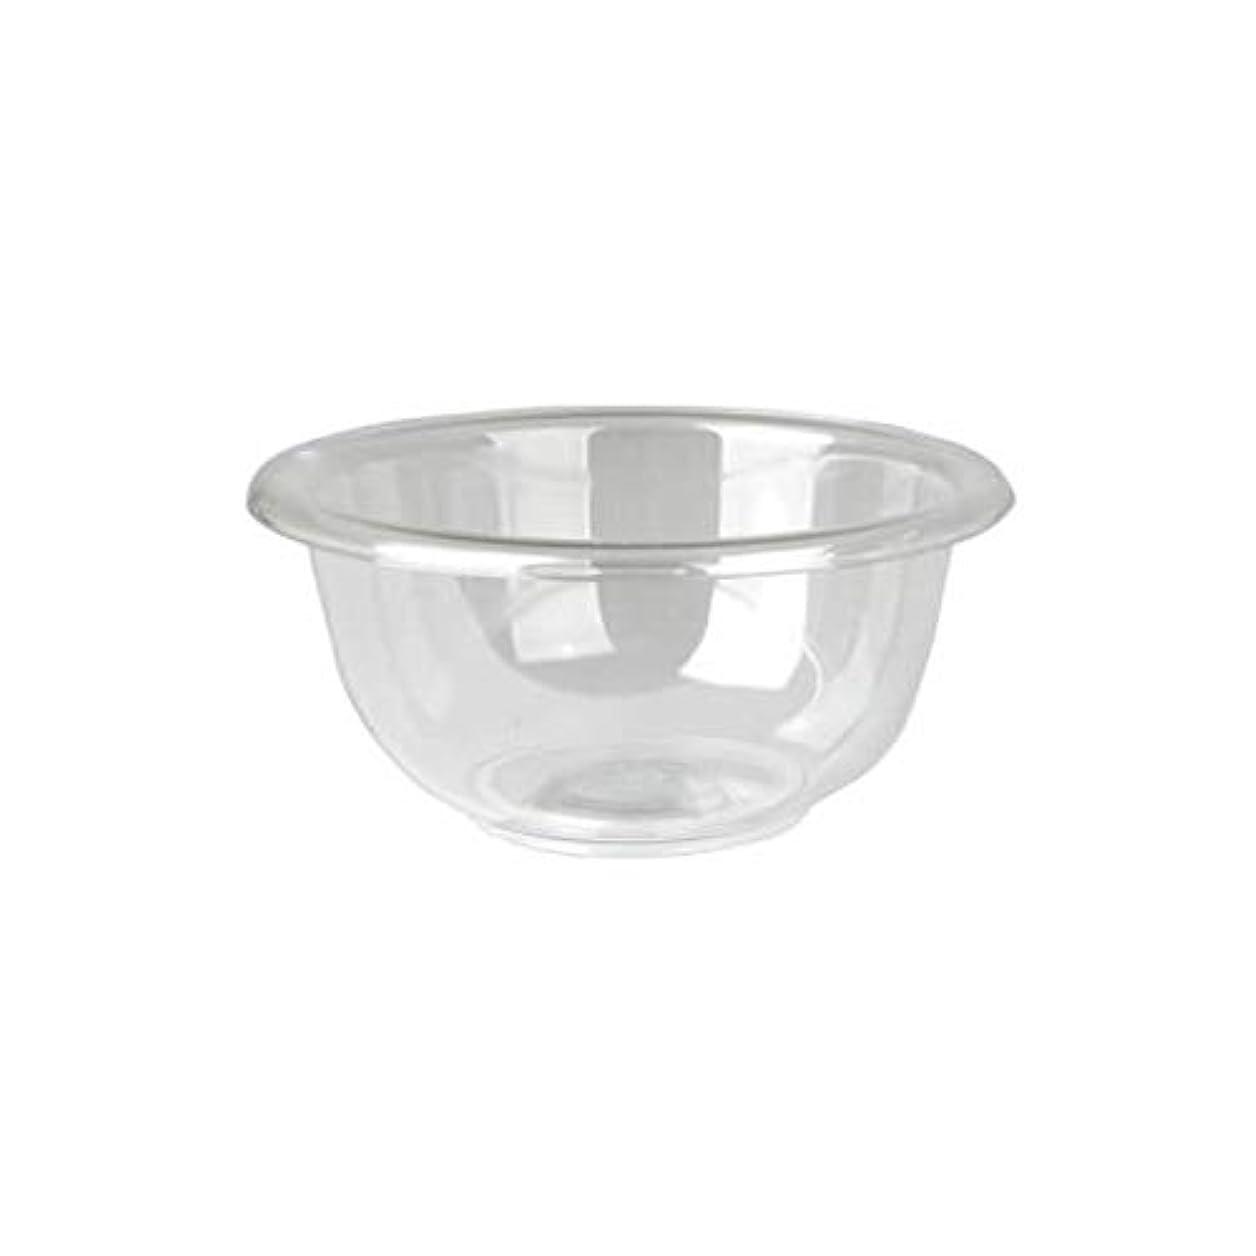 すり減る豊かなサージマイスター プラスティックボウル (Mサイズ) クリア 直径17cm [ プラスチックボール カップボウル カップボール エステ サロン プラスチック ボウル カップ 割れない ]